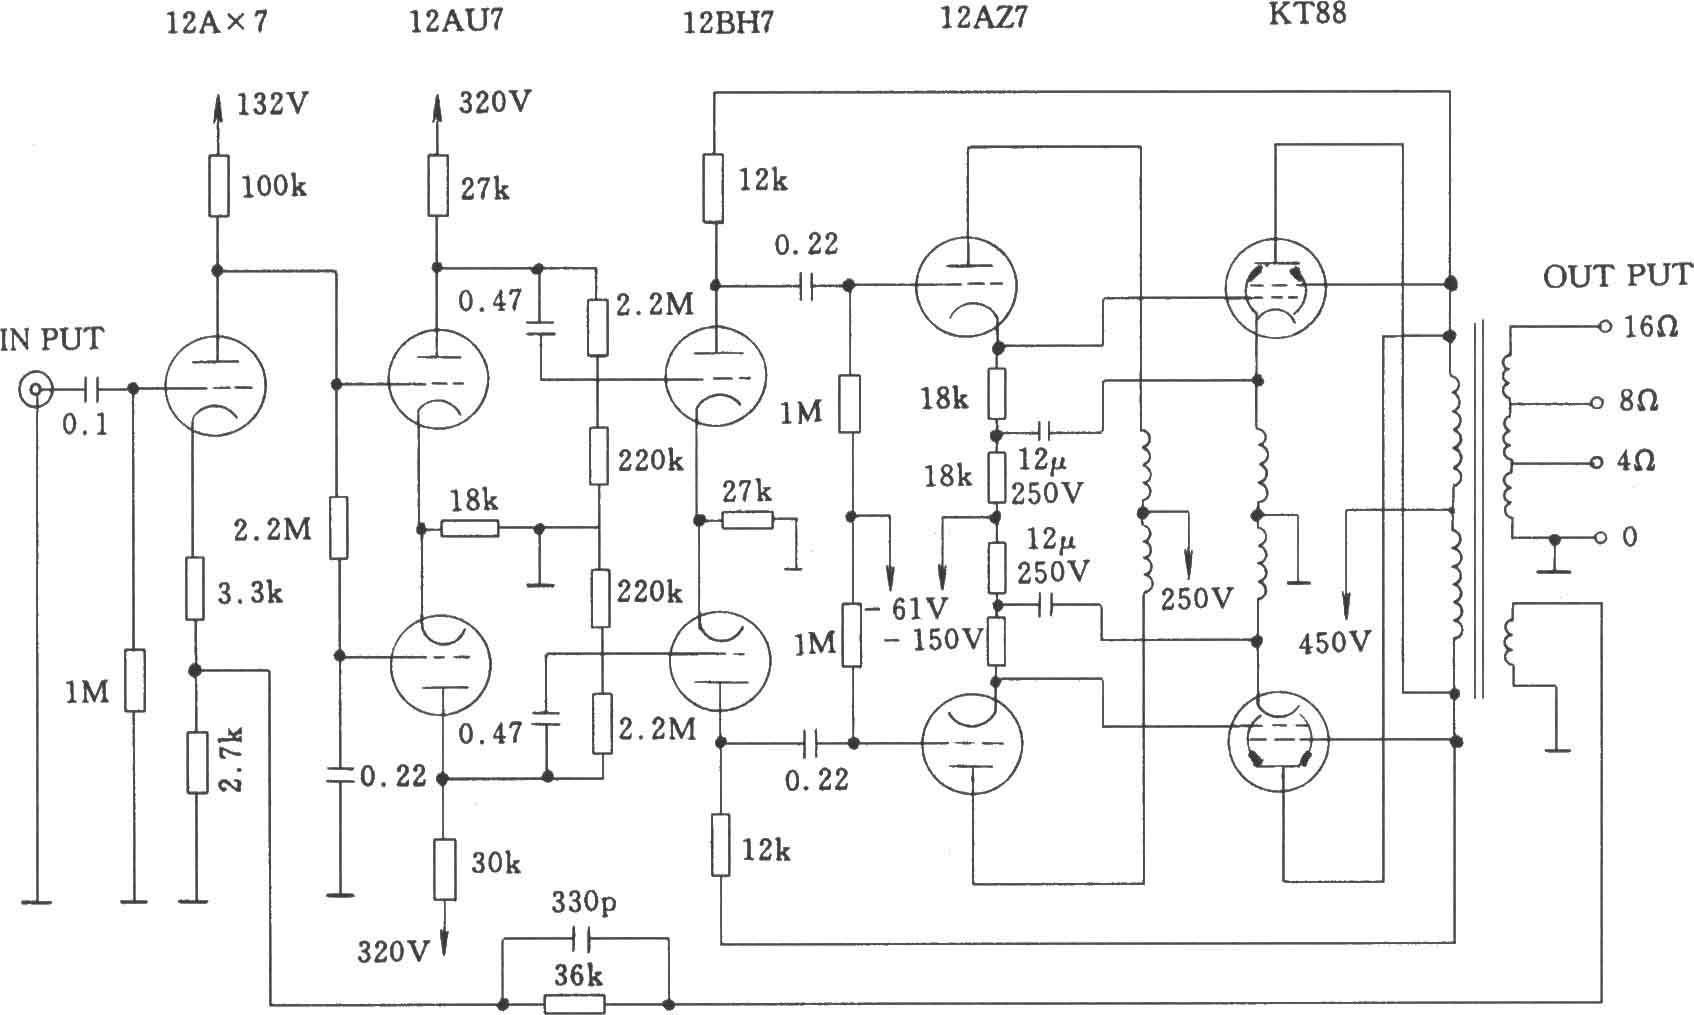 電子管麥景圖MC-275(McIntosh 275)功率放大器電路圖   研發互助社區